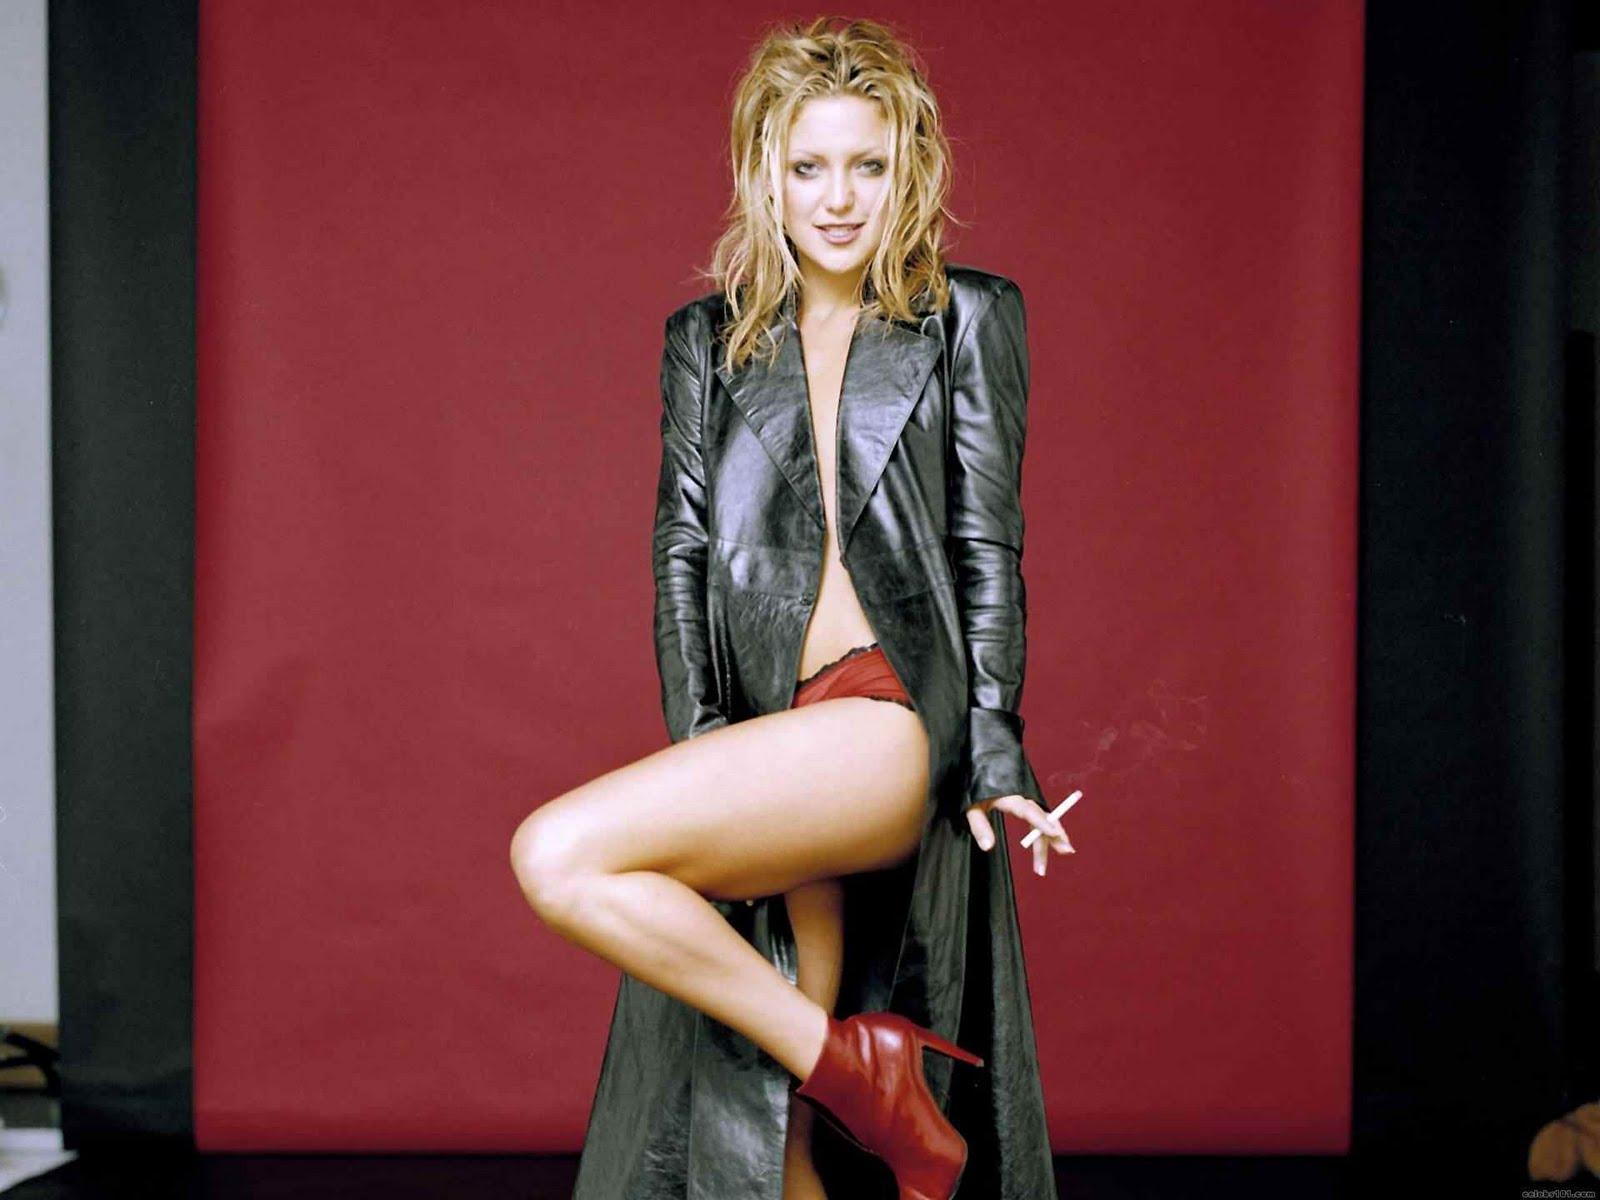 http://2.bp.blogspot.com/-EZLer-LfVag/ThwwmfpXLiI/AAAAAAAAG8A/c4Pne37cnks/s1600/Kate-+Hudson-09.jpg